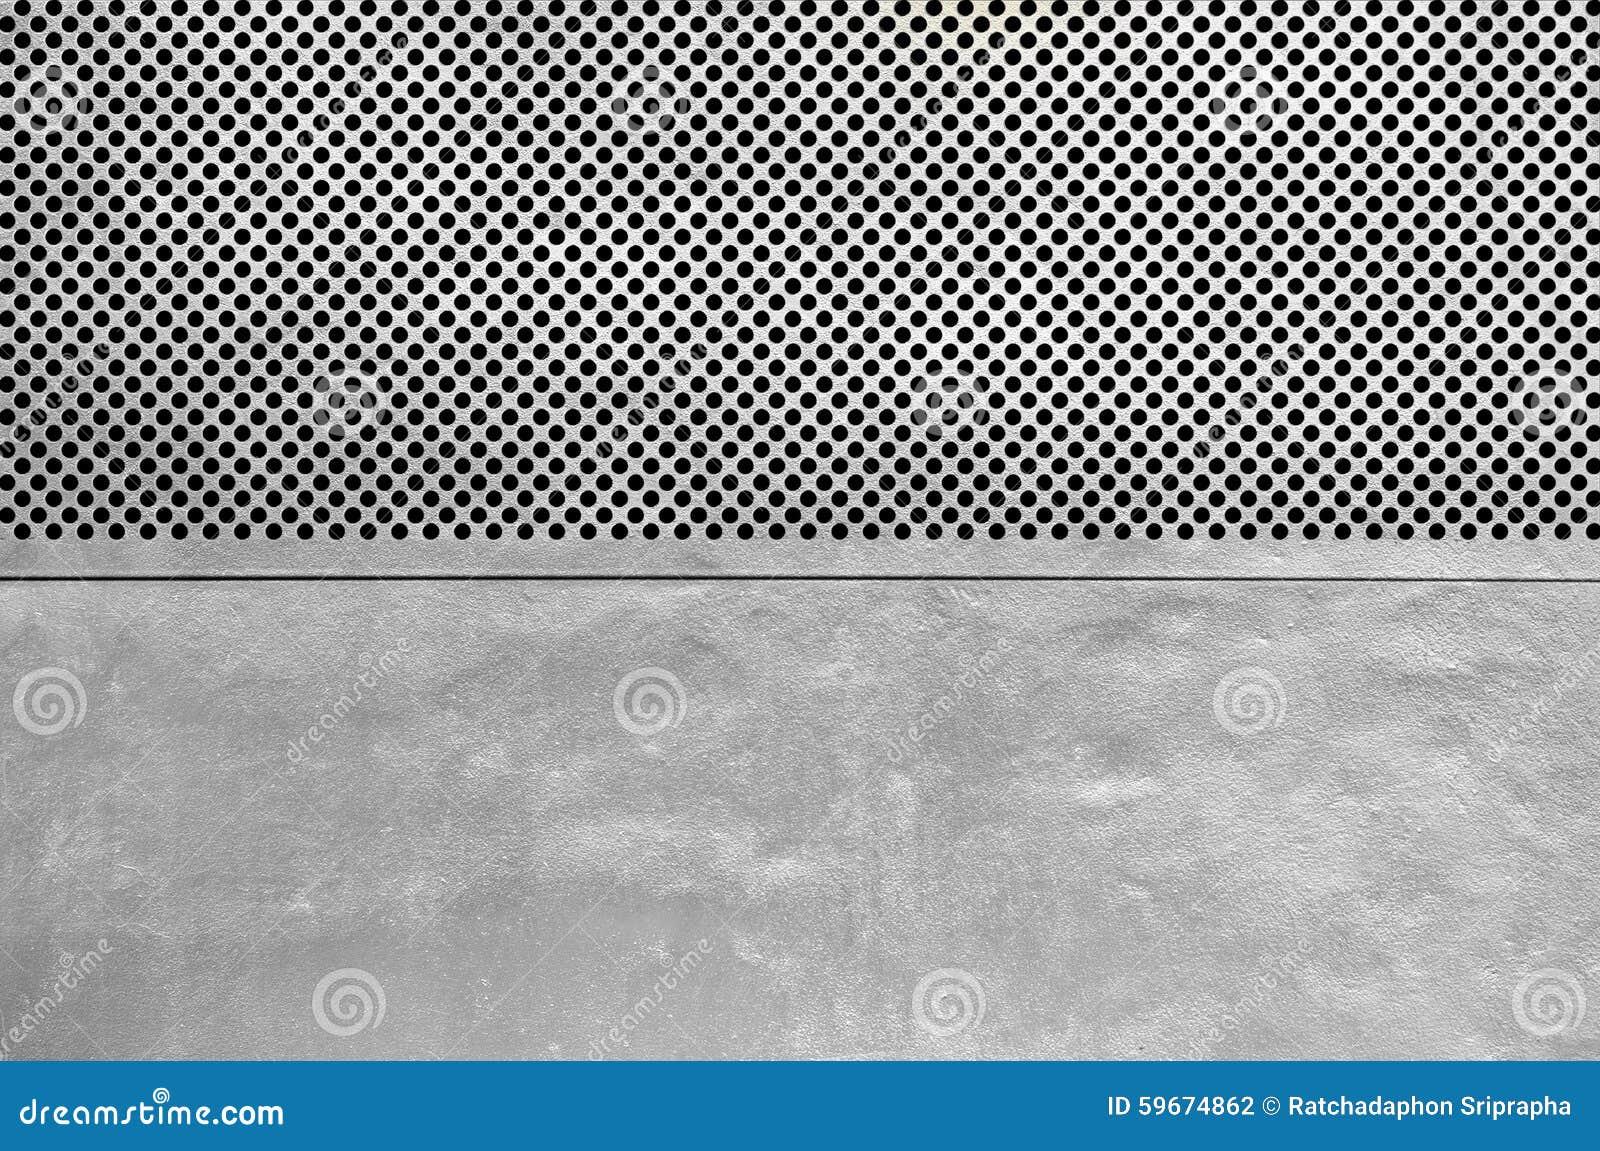 Plaque de métal argentée avec beaucoup de petits trous circulaires